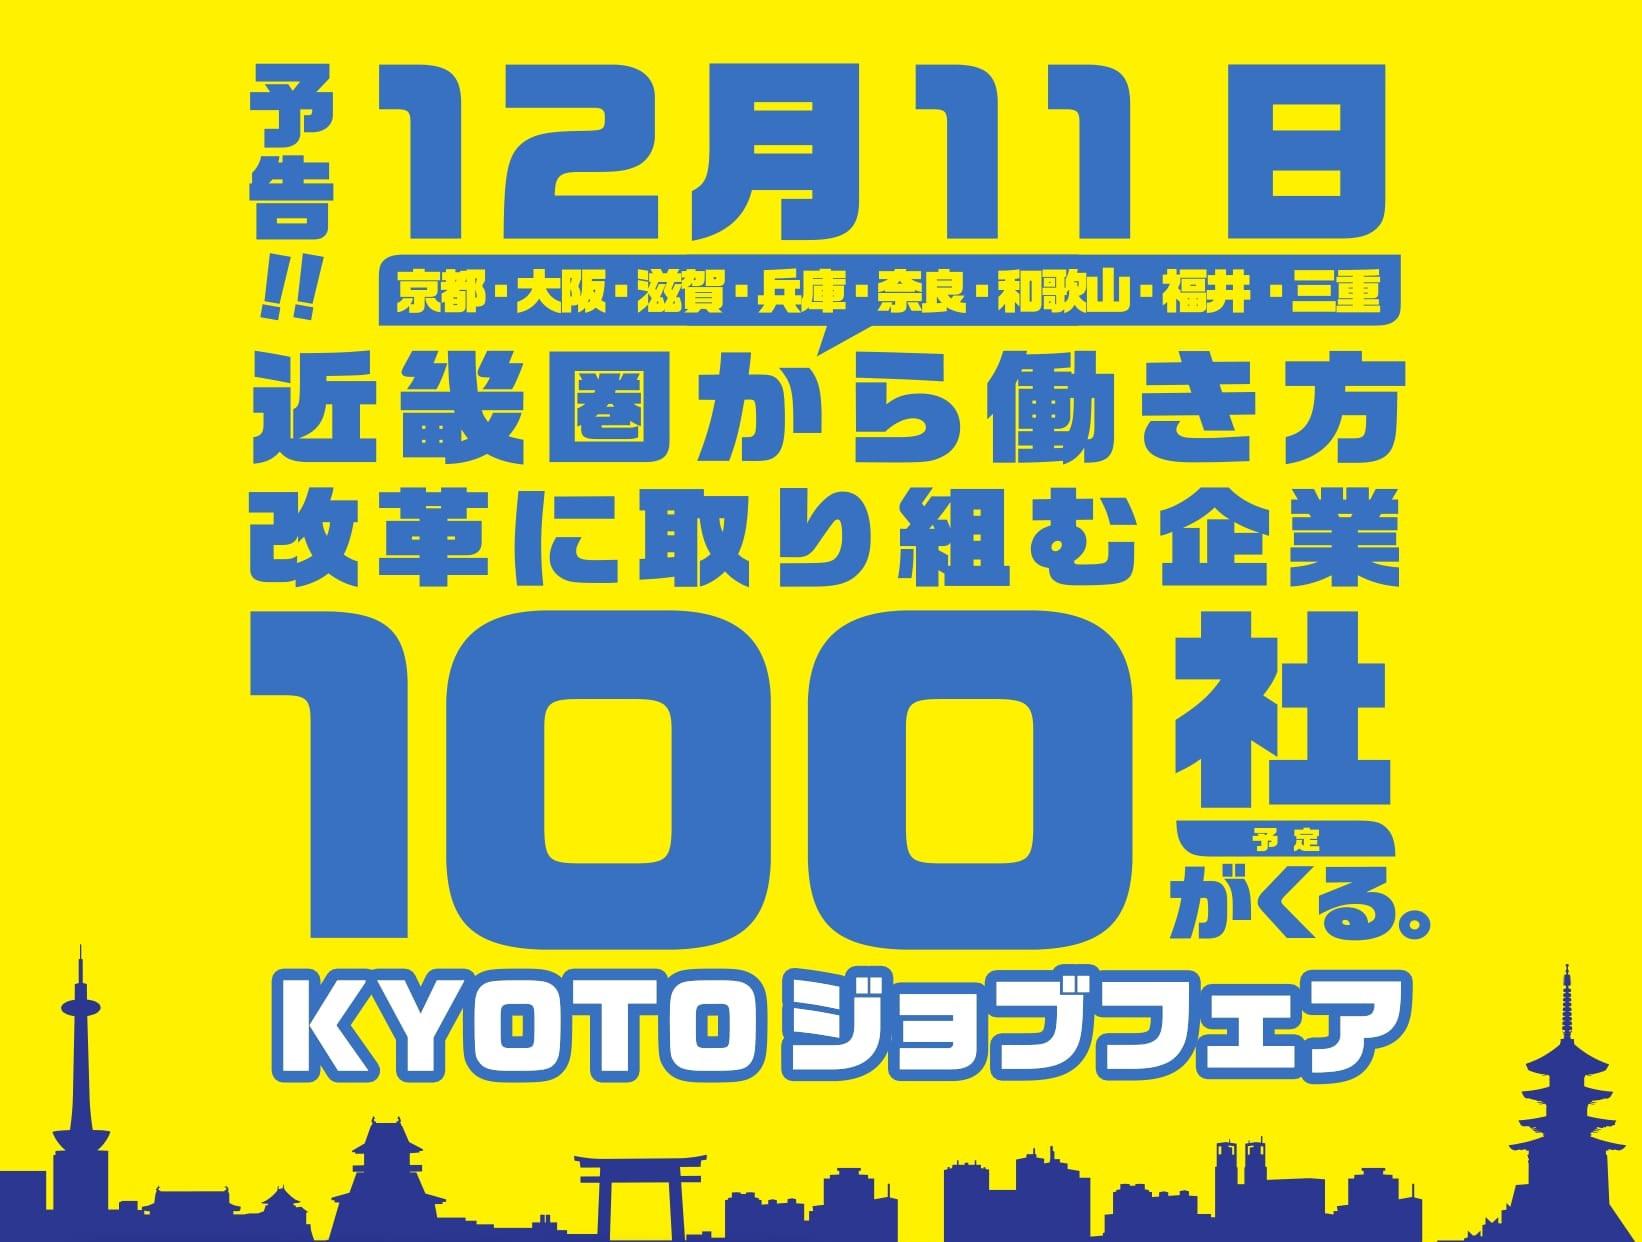 1211_kyotojobfair_top.jpg